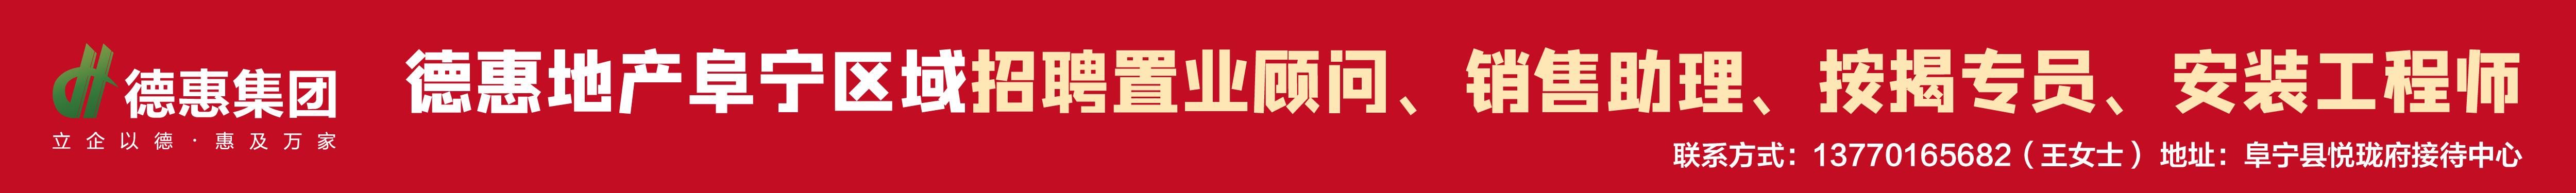 江苏德惠物业服务有限公司